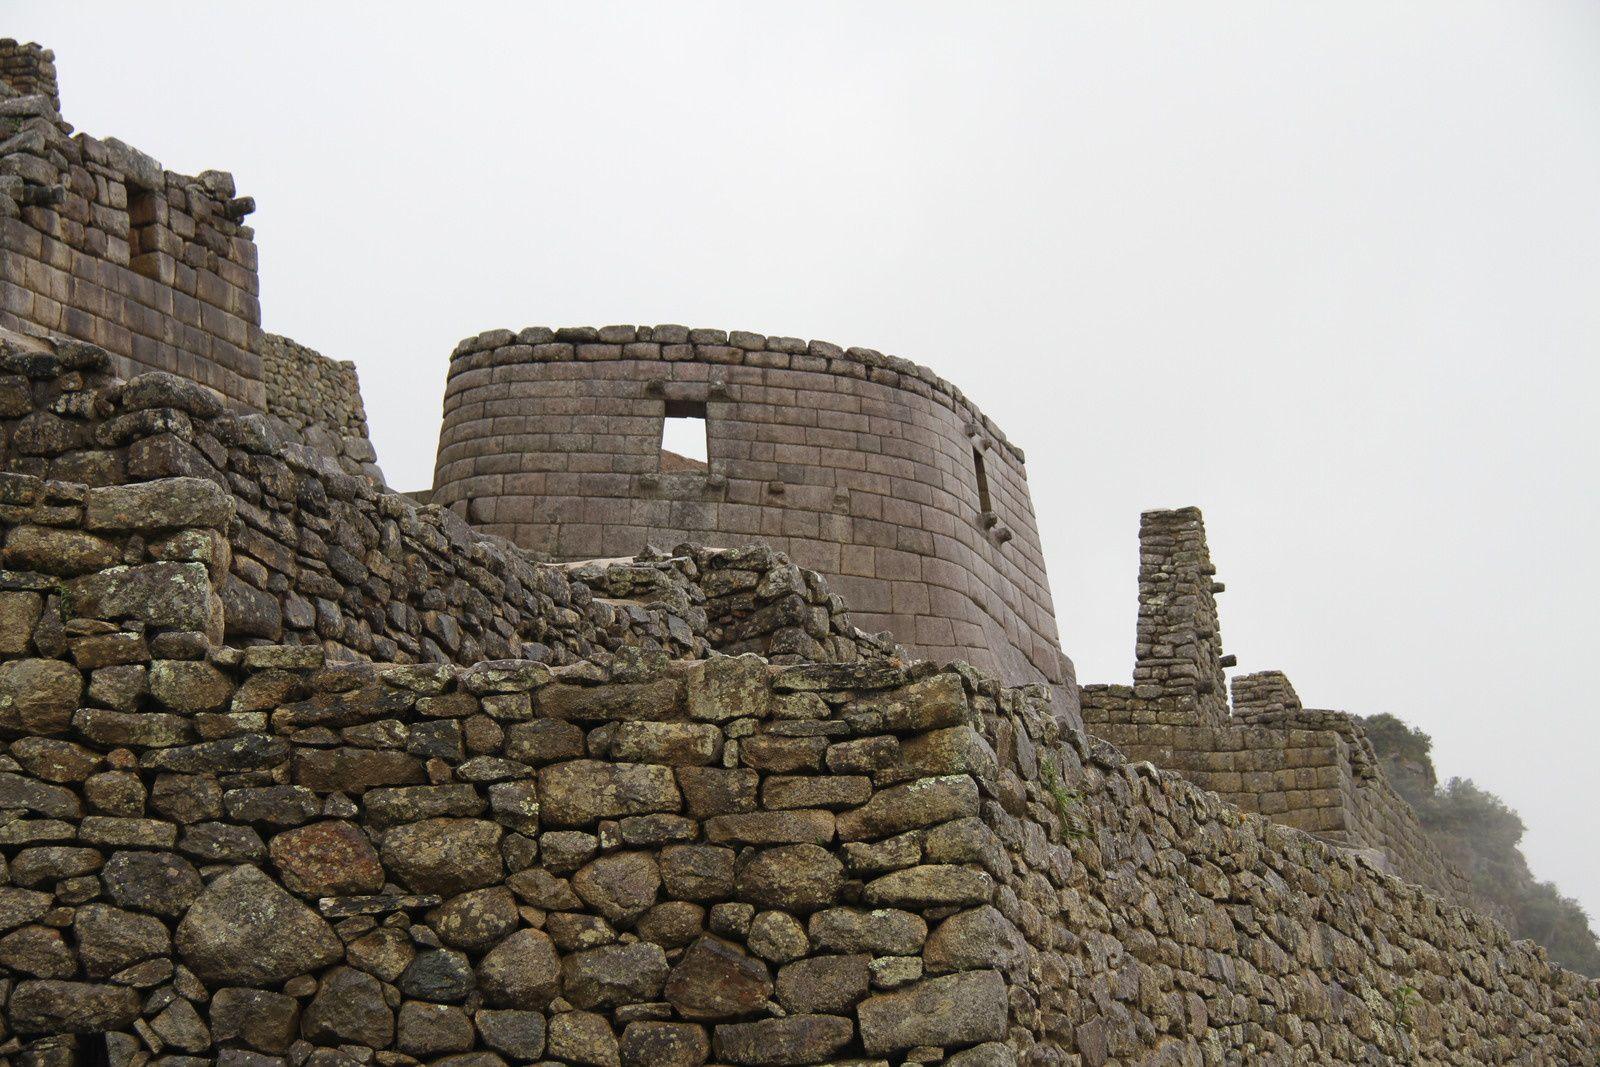 Diverses vues des ruines. Les édifices sont taillés en pierres granitiques impeccablement taillées pour qu'elles s'emboîtent parfaitement. Quand on sait que le granite est l'une des roches les plus dures au monde, on se rend compte de l'incroyable effort qu'a du représenter la construction du site. Le site fût abandonné par les incas devant l'avancée des conquistadors espagnols, alors que sa construction, qui durait depuis environ 80 ans était presque achevée...